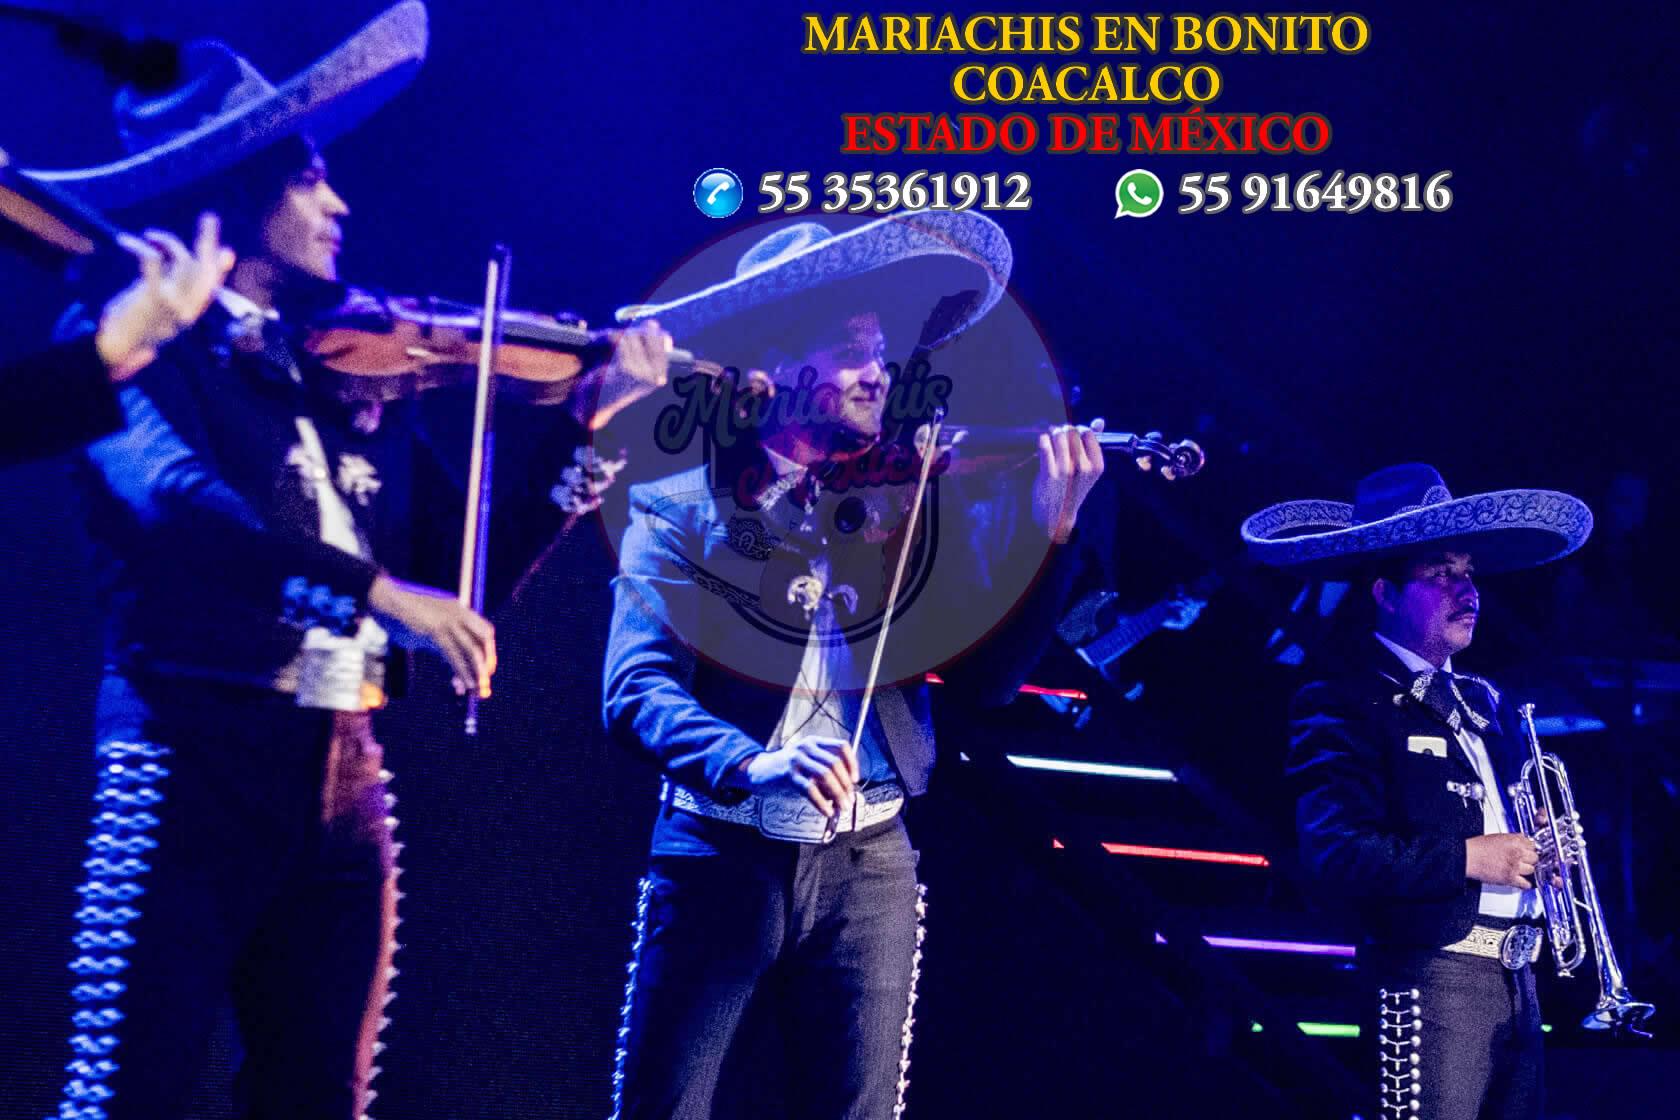 Mariachis en Coacalco